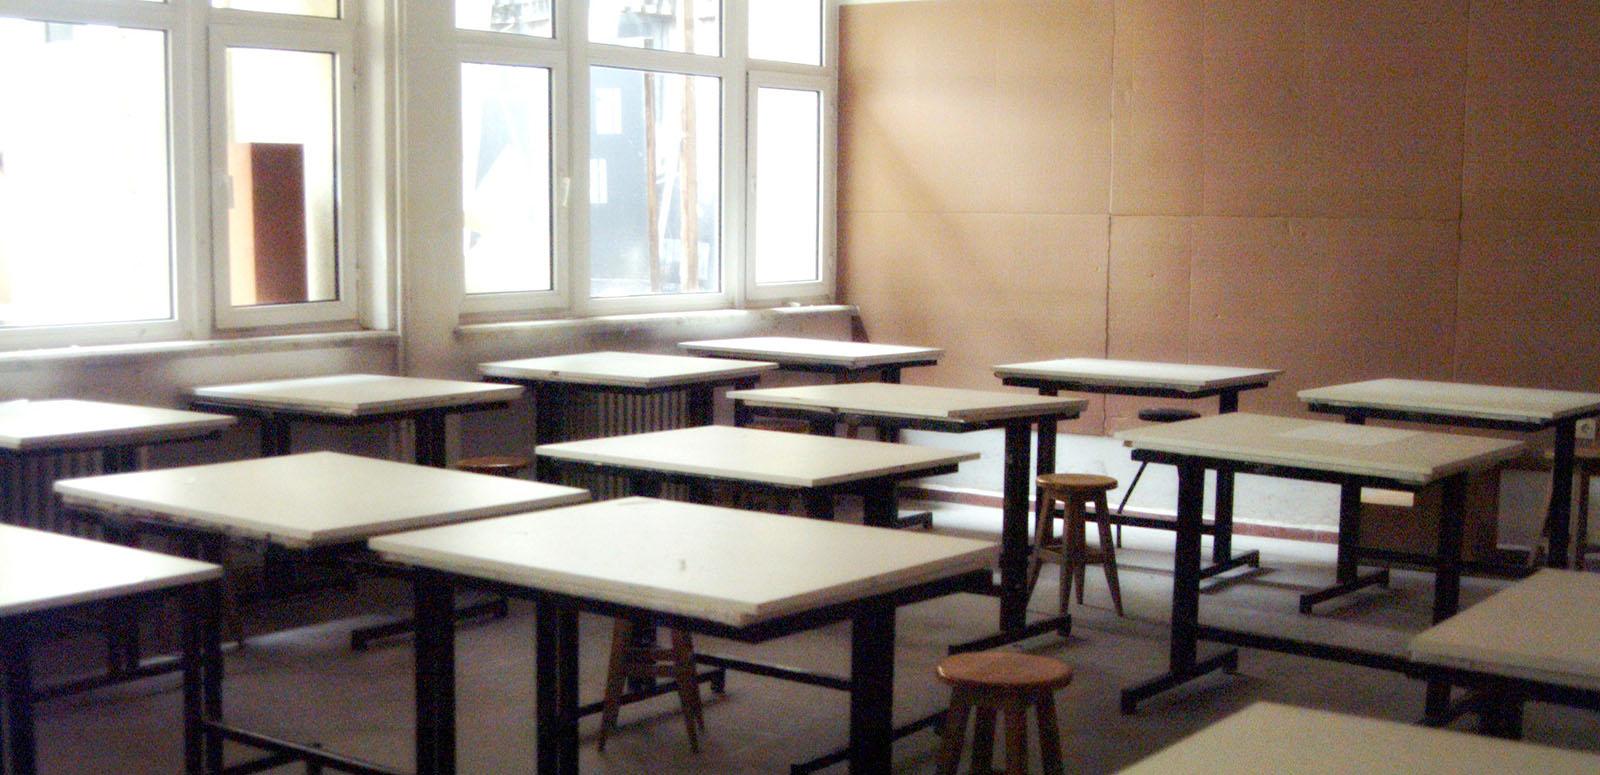 El Govern tanca a partir de demà tots els centres educatius de Catalunya